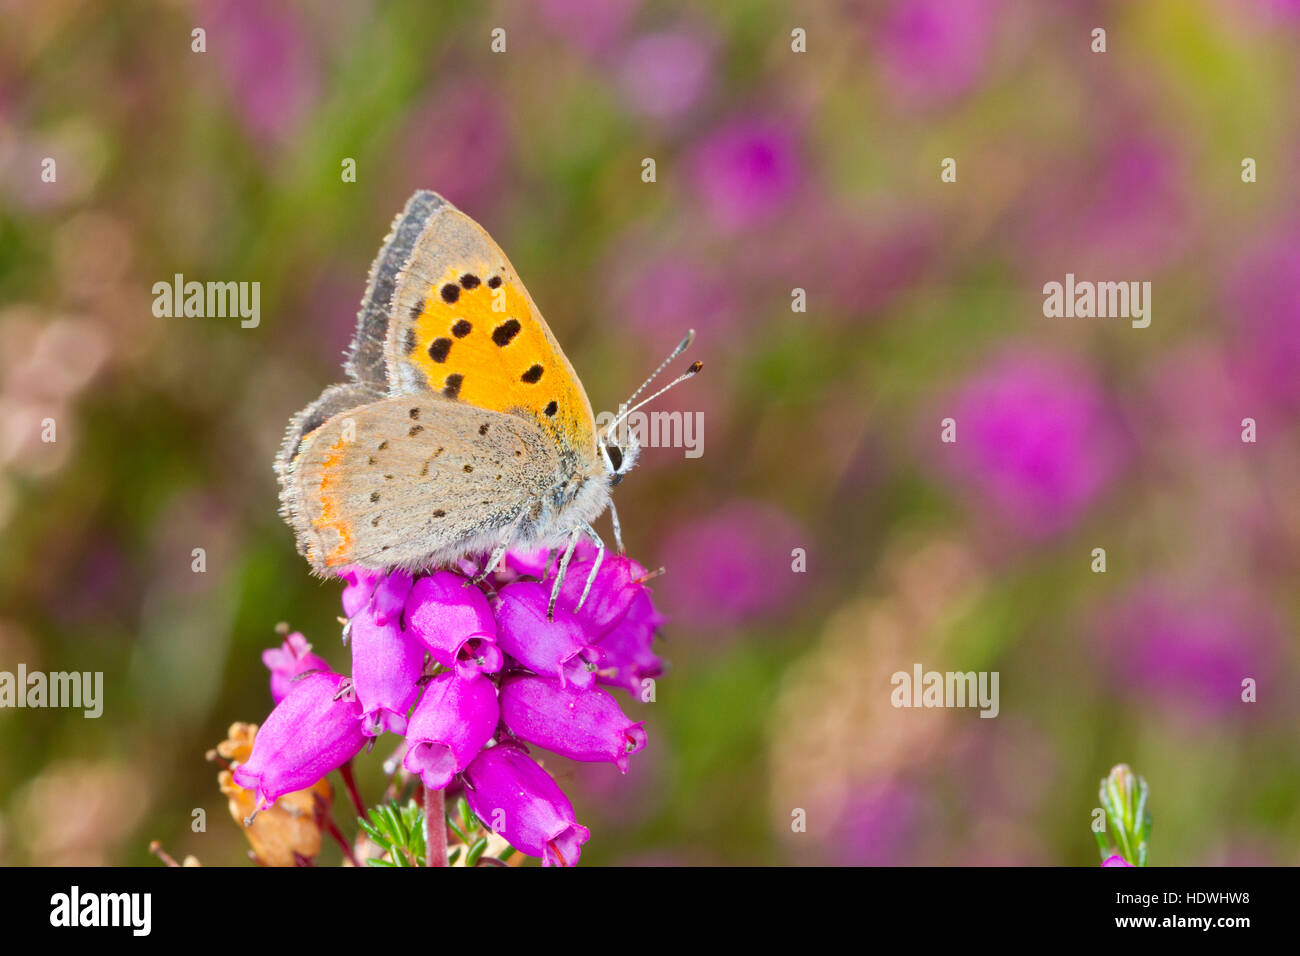 Piccola di rame (farfalla Lycaena phlaeas) maschio adulto appollaiato sulla campana heather. Powys, Galles. Settembre. Immagini Stock